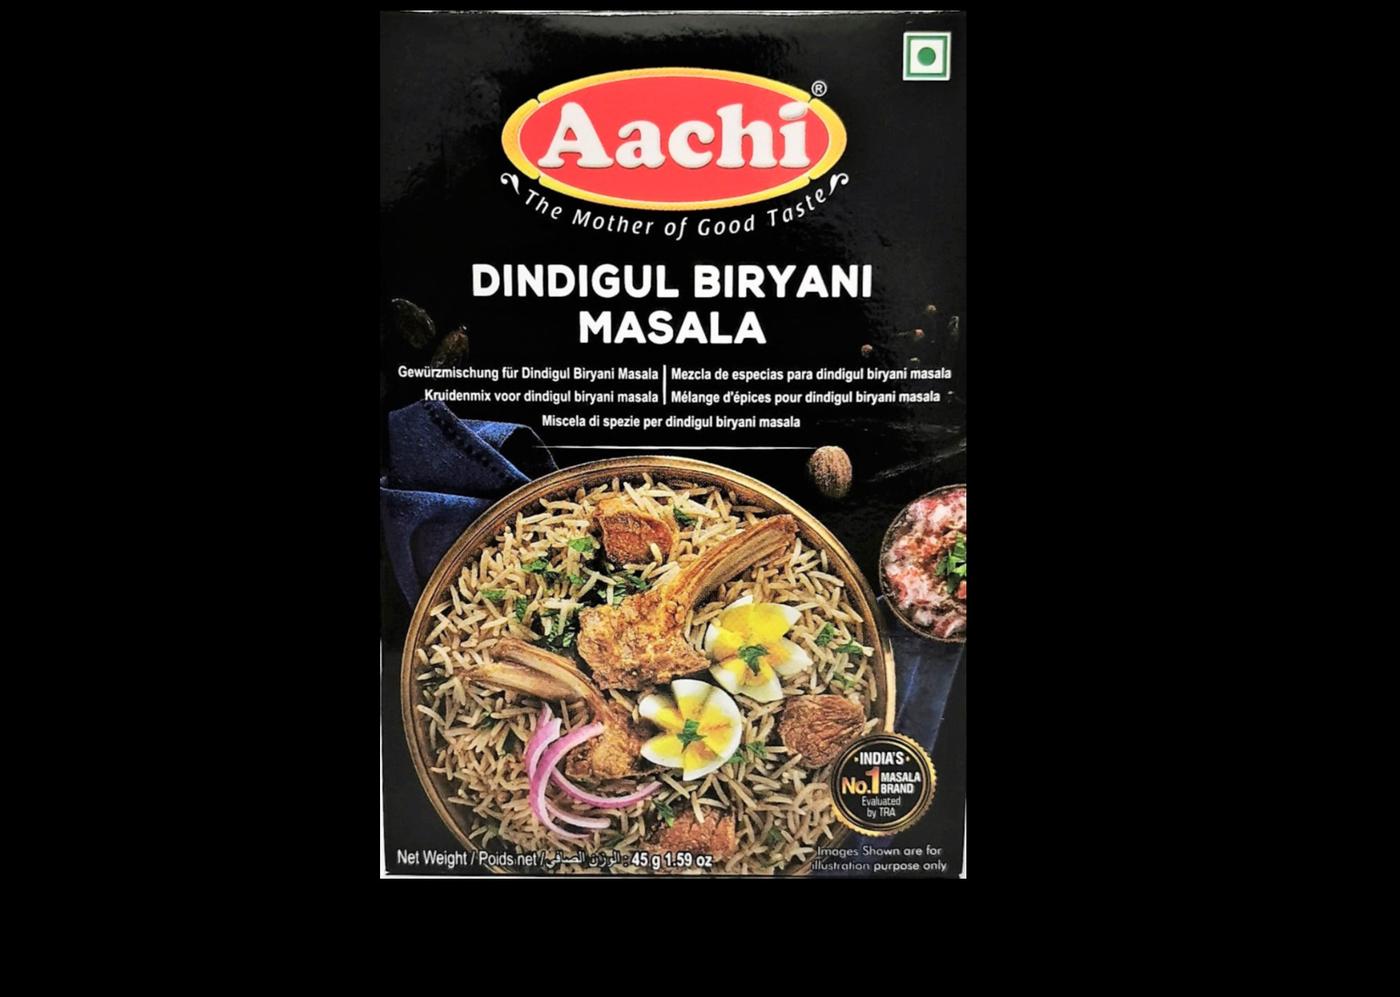 Aachi Dindigul Biryani Masala